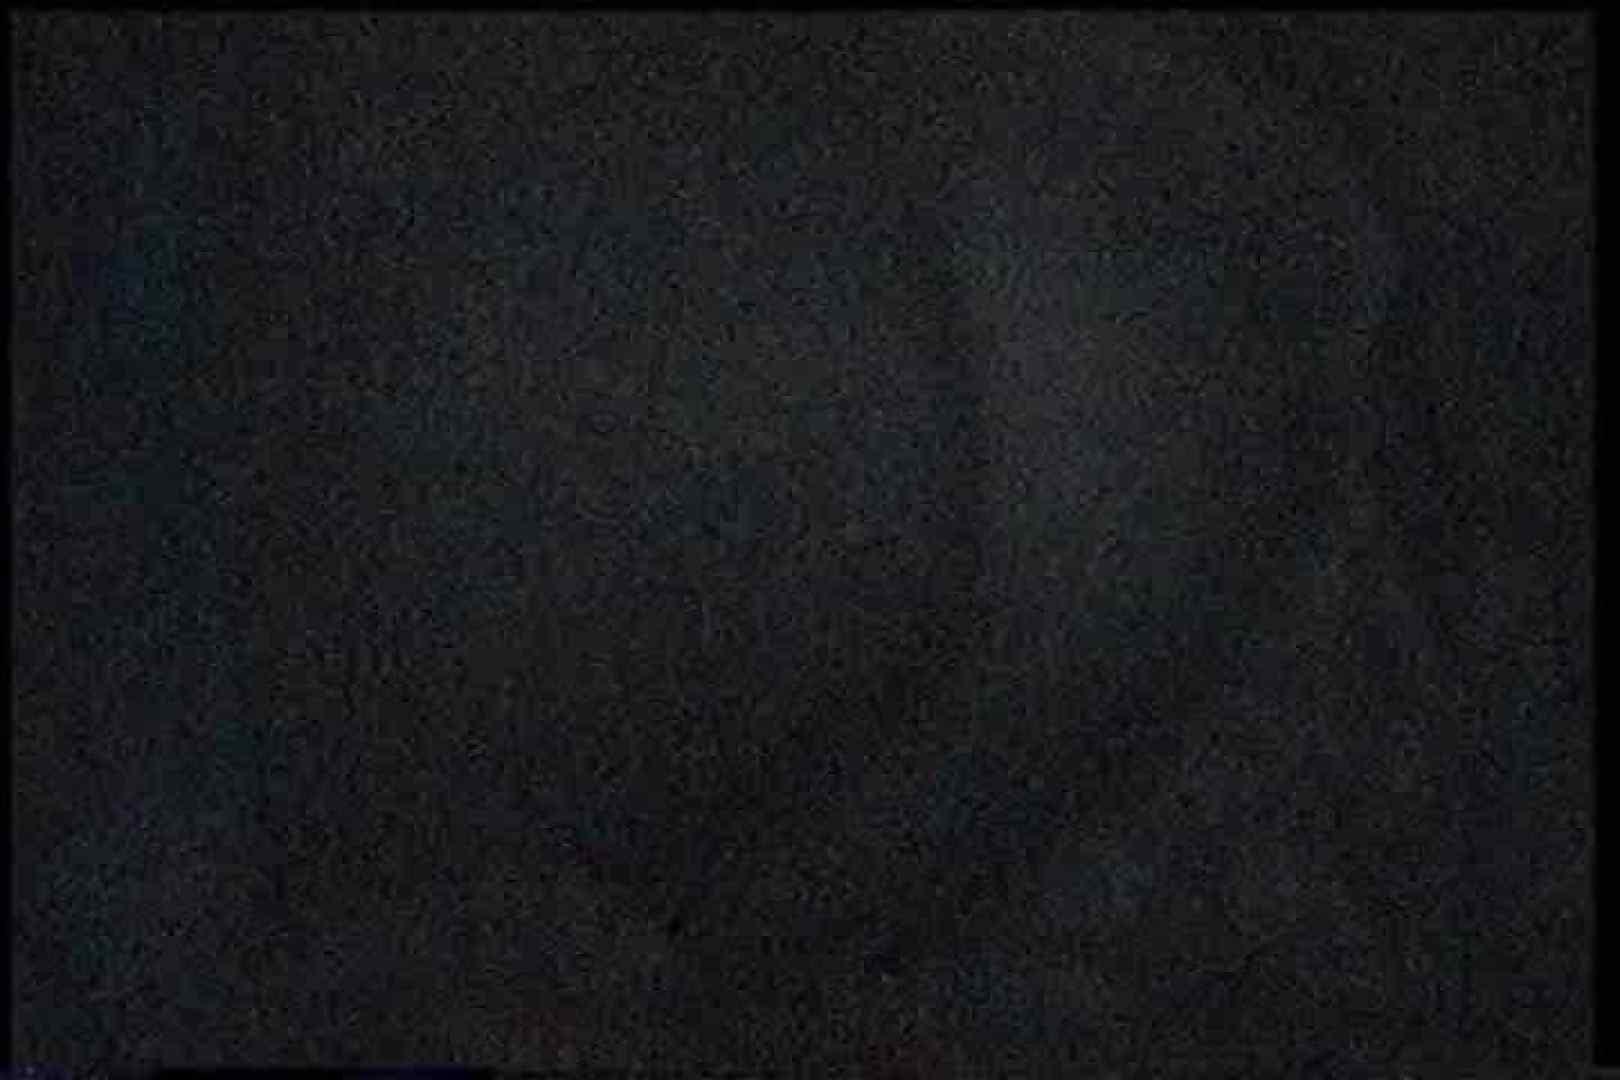 充血監督の深夜の運動会Vol.164 濃厚セックス おまんこ無修正動画無料 65PICs 48